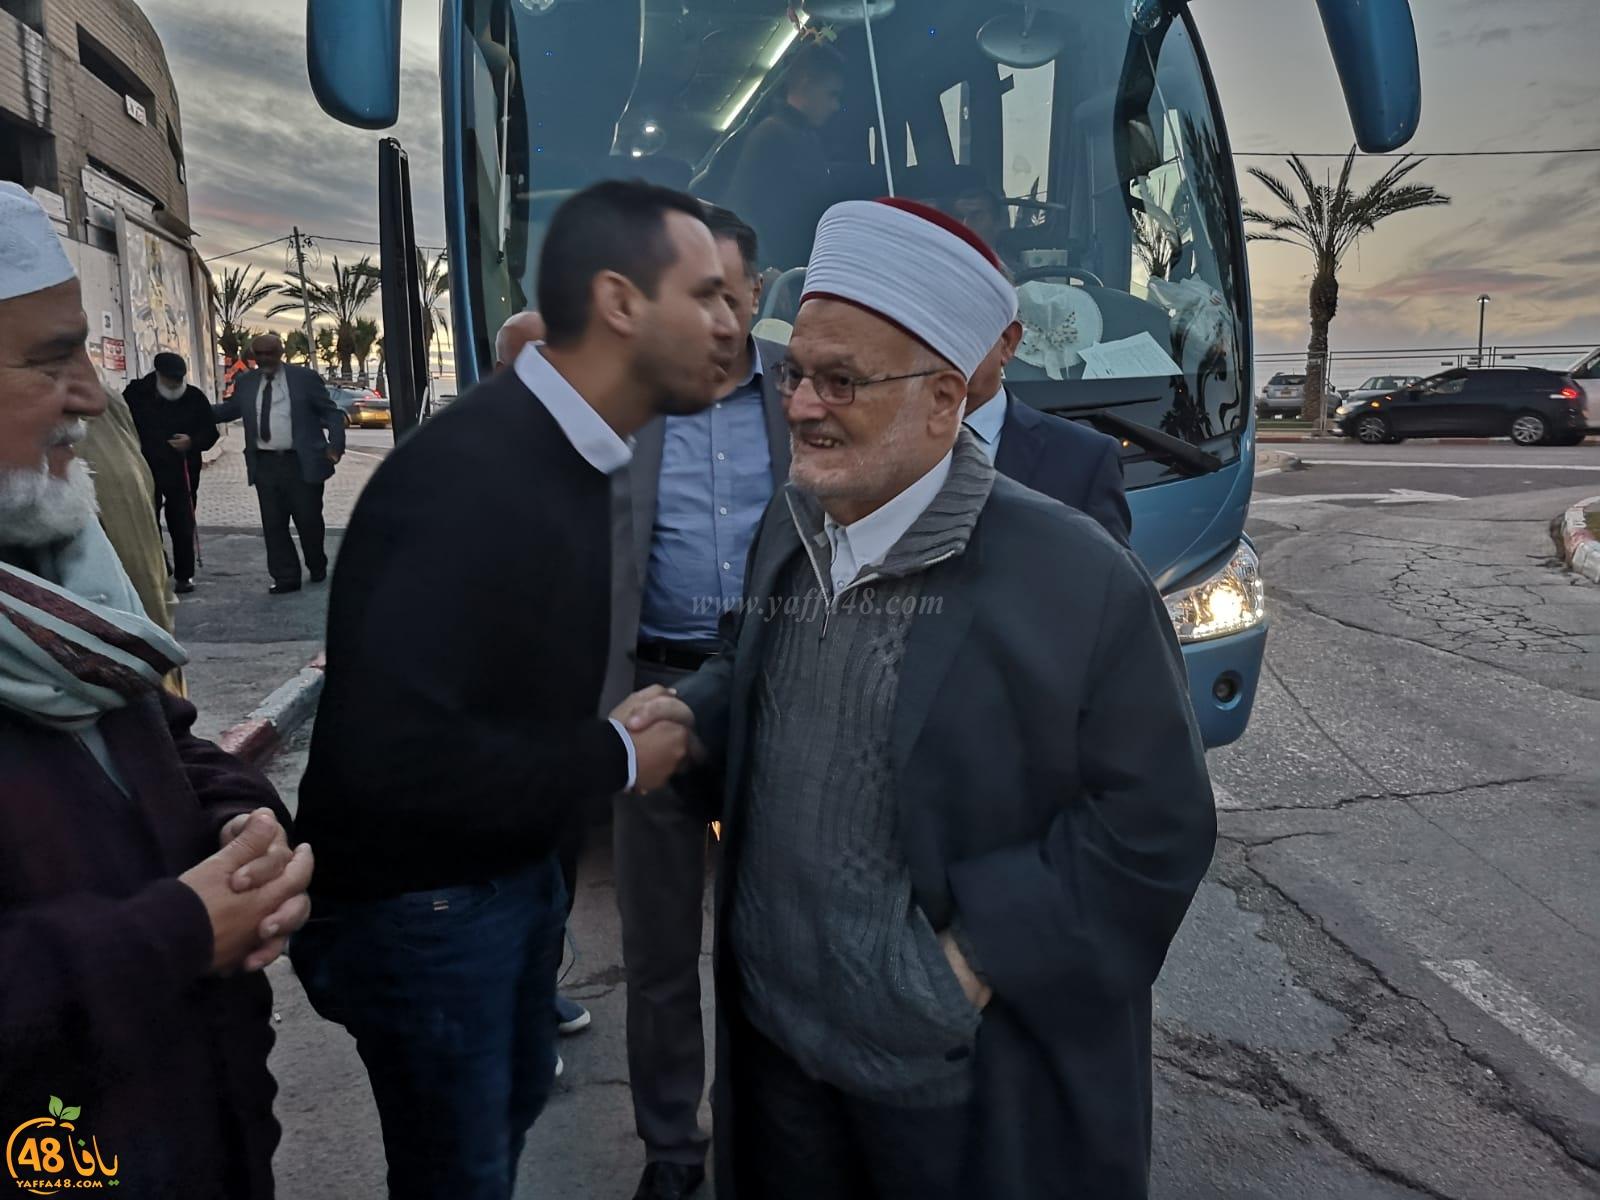 فيديو: وفد من القدس برئاسة الشيخ عكرمة صبري في زيارة لمقبرة الاسعاف بيافا